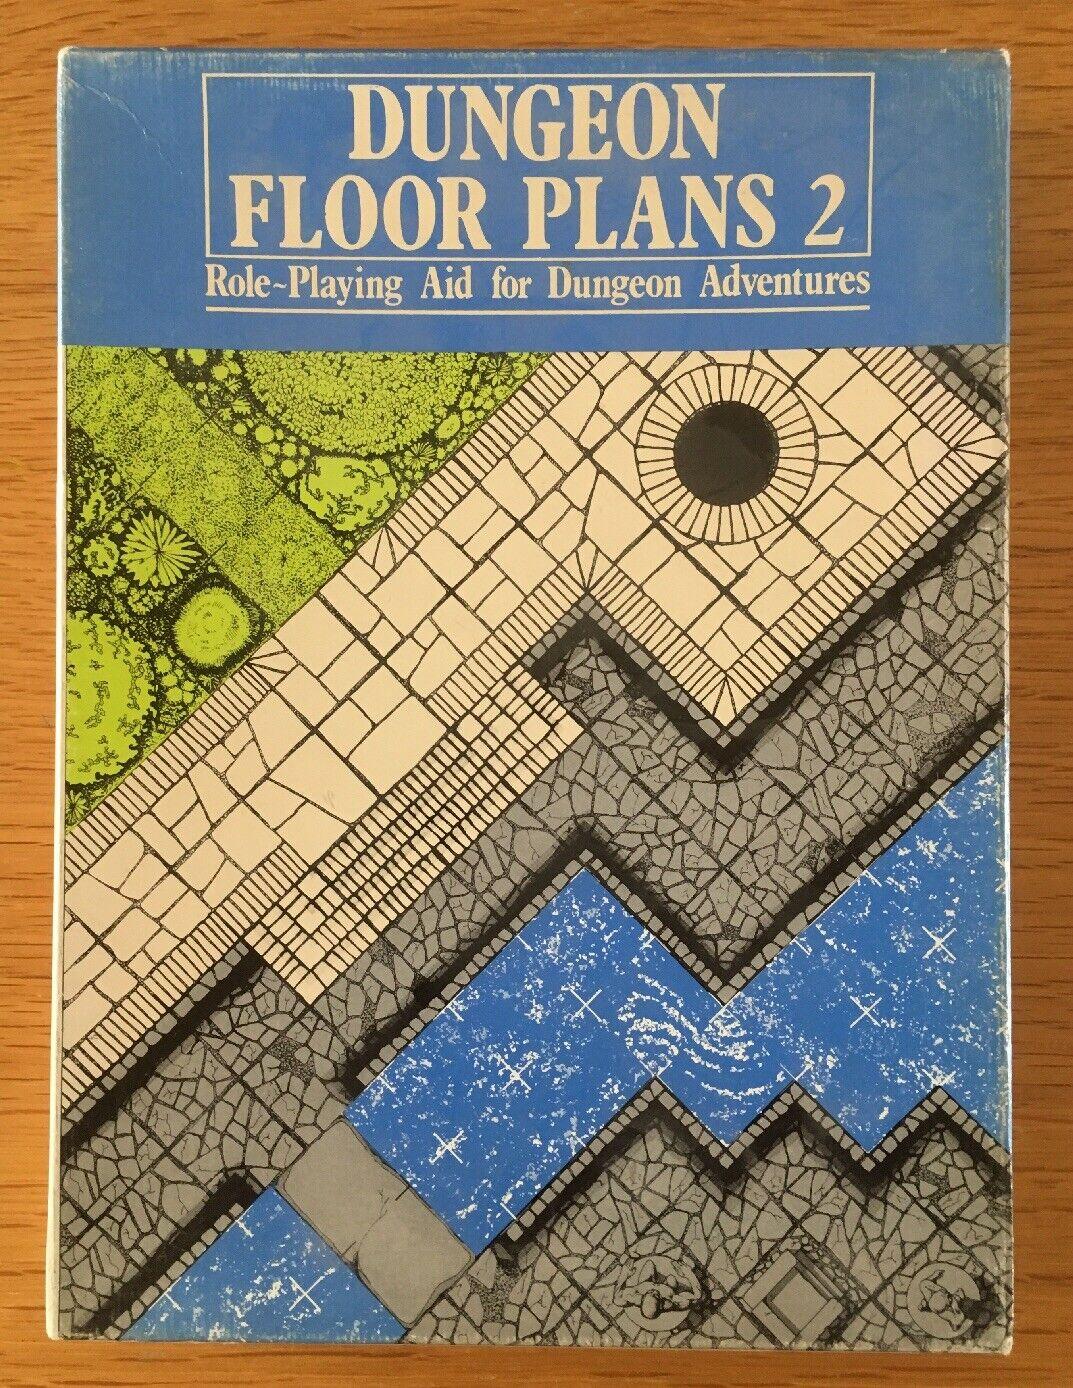 Dungeon Floor Plans 2 RPG Aid 02002 Games Workshop 1982